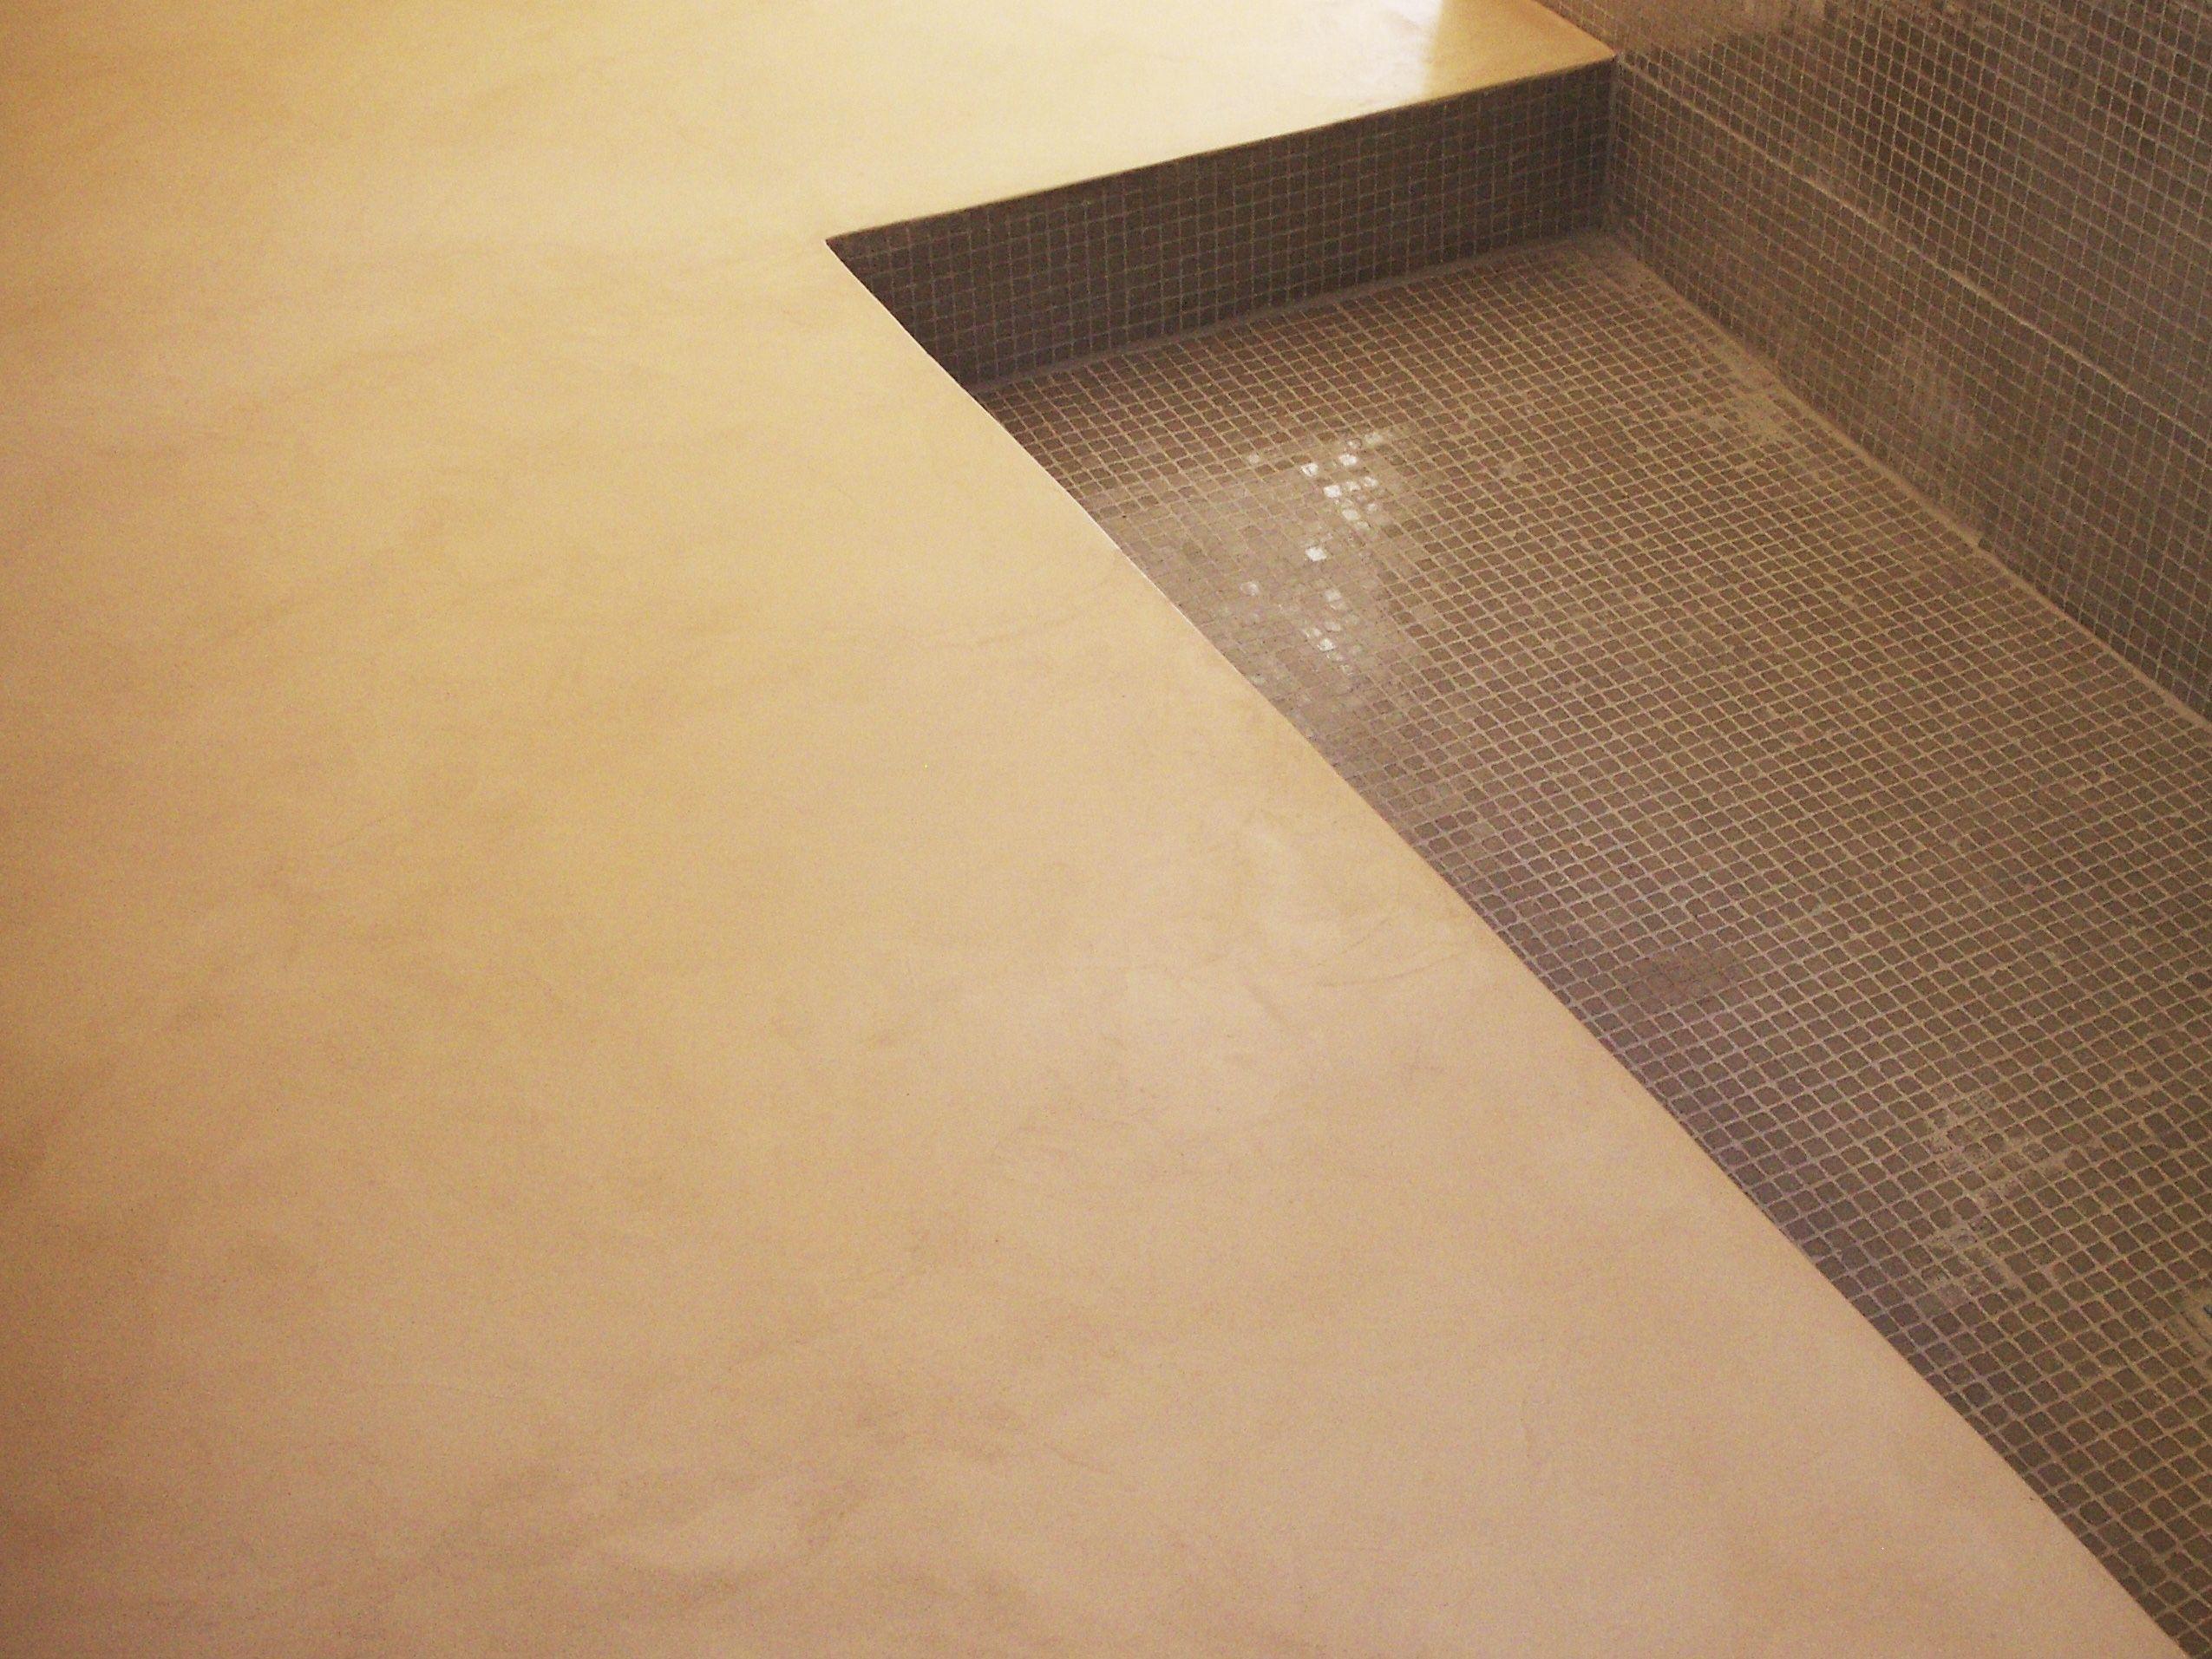 b.cc - sol en béton ciré (couleur atlas/ma's) dans une salle de bain